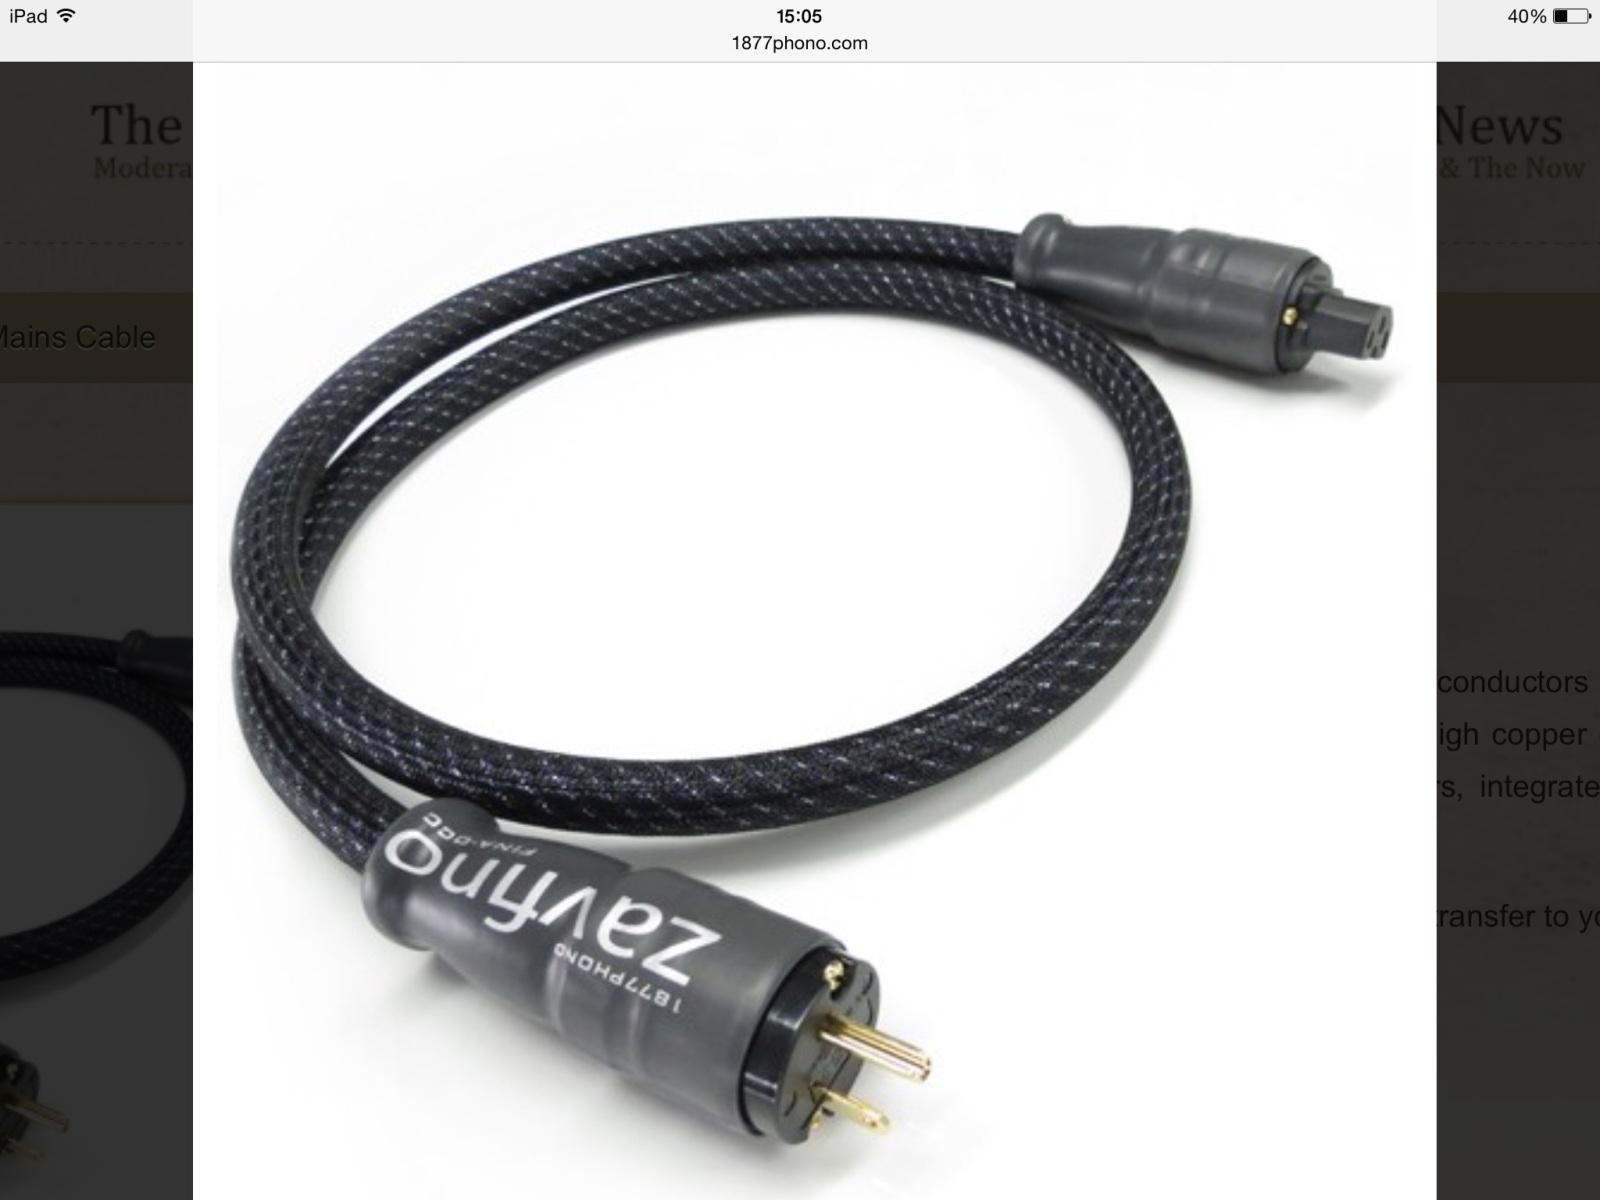 Cable de red ZAVFINO 2u4phz8